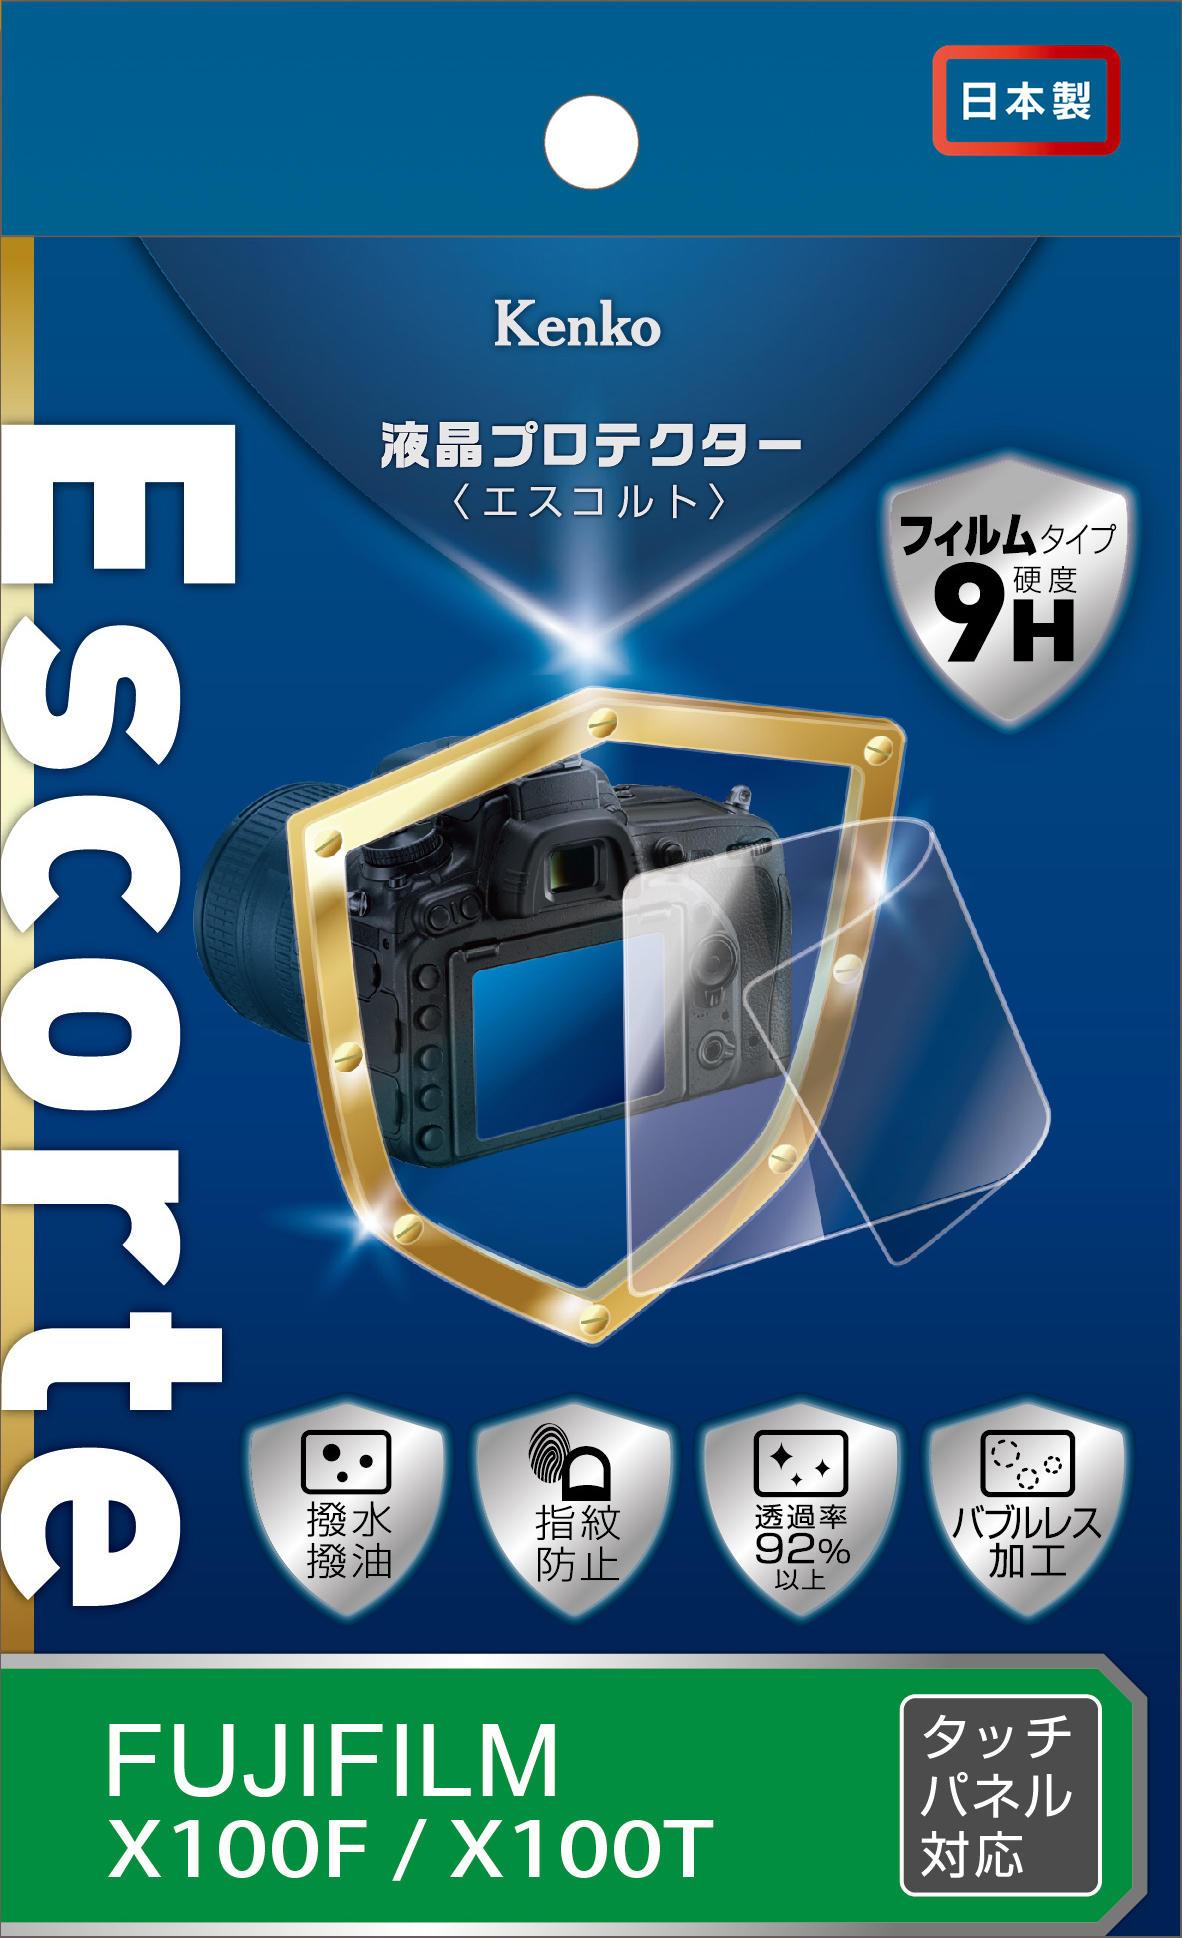 http://www.kenko-tokina.co.jp/imaging/eq/mt-images/4961607491706.jpg